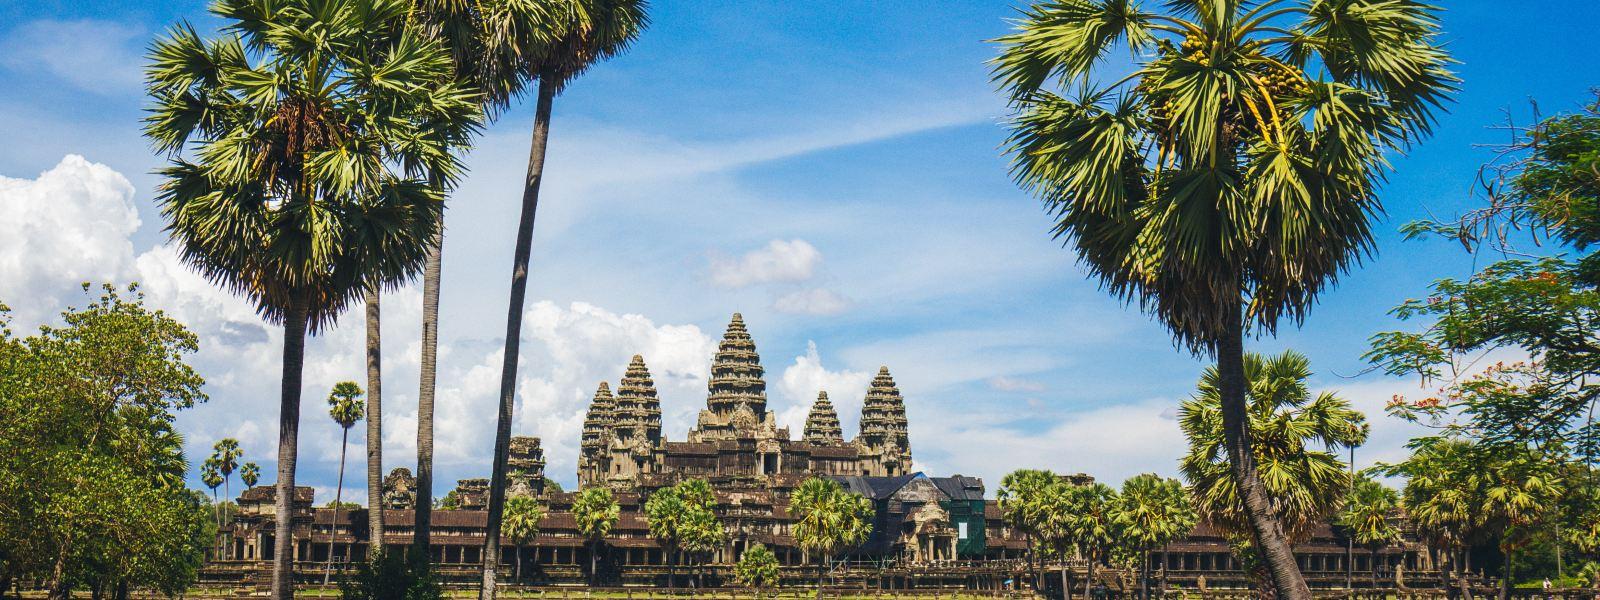 De ultieme travel guide voor Angkor Wat